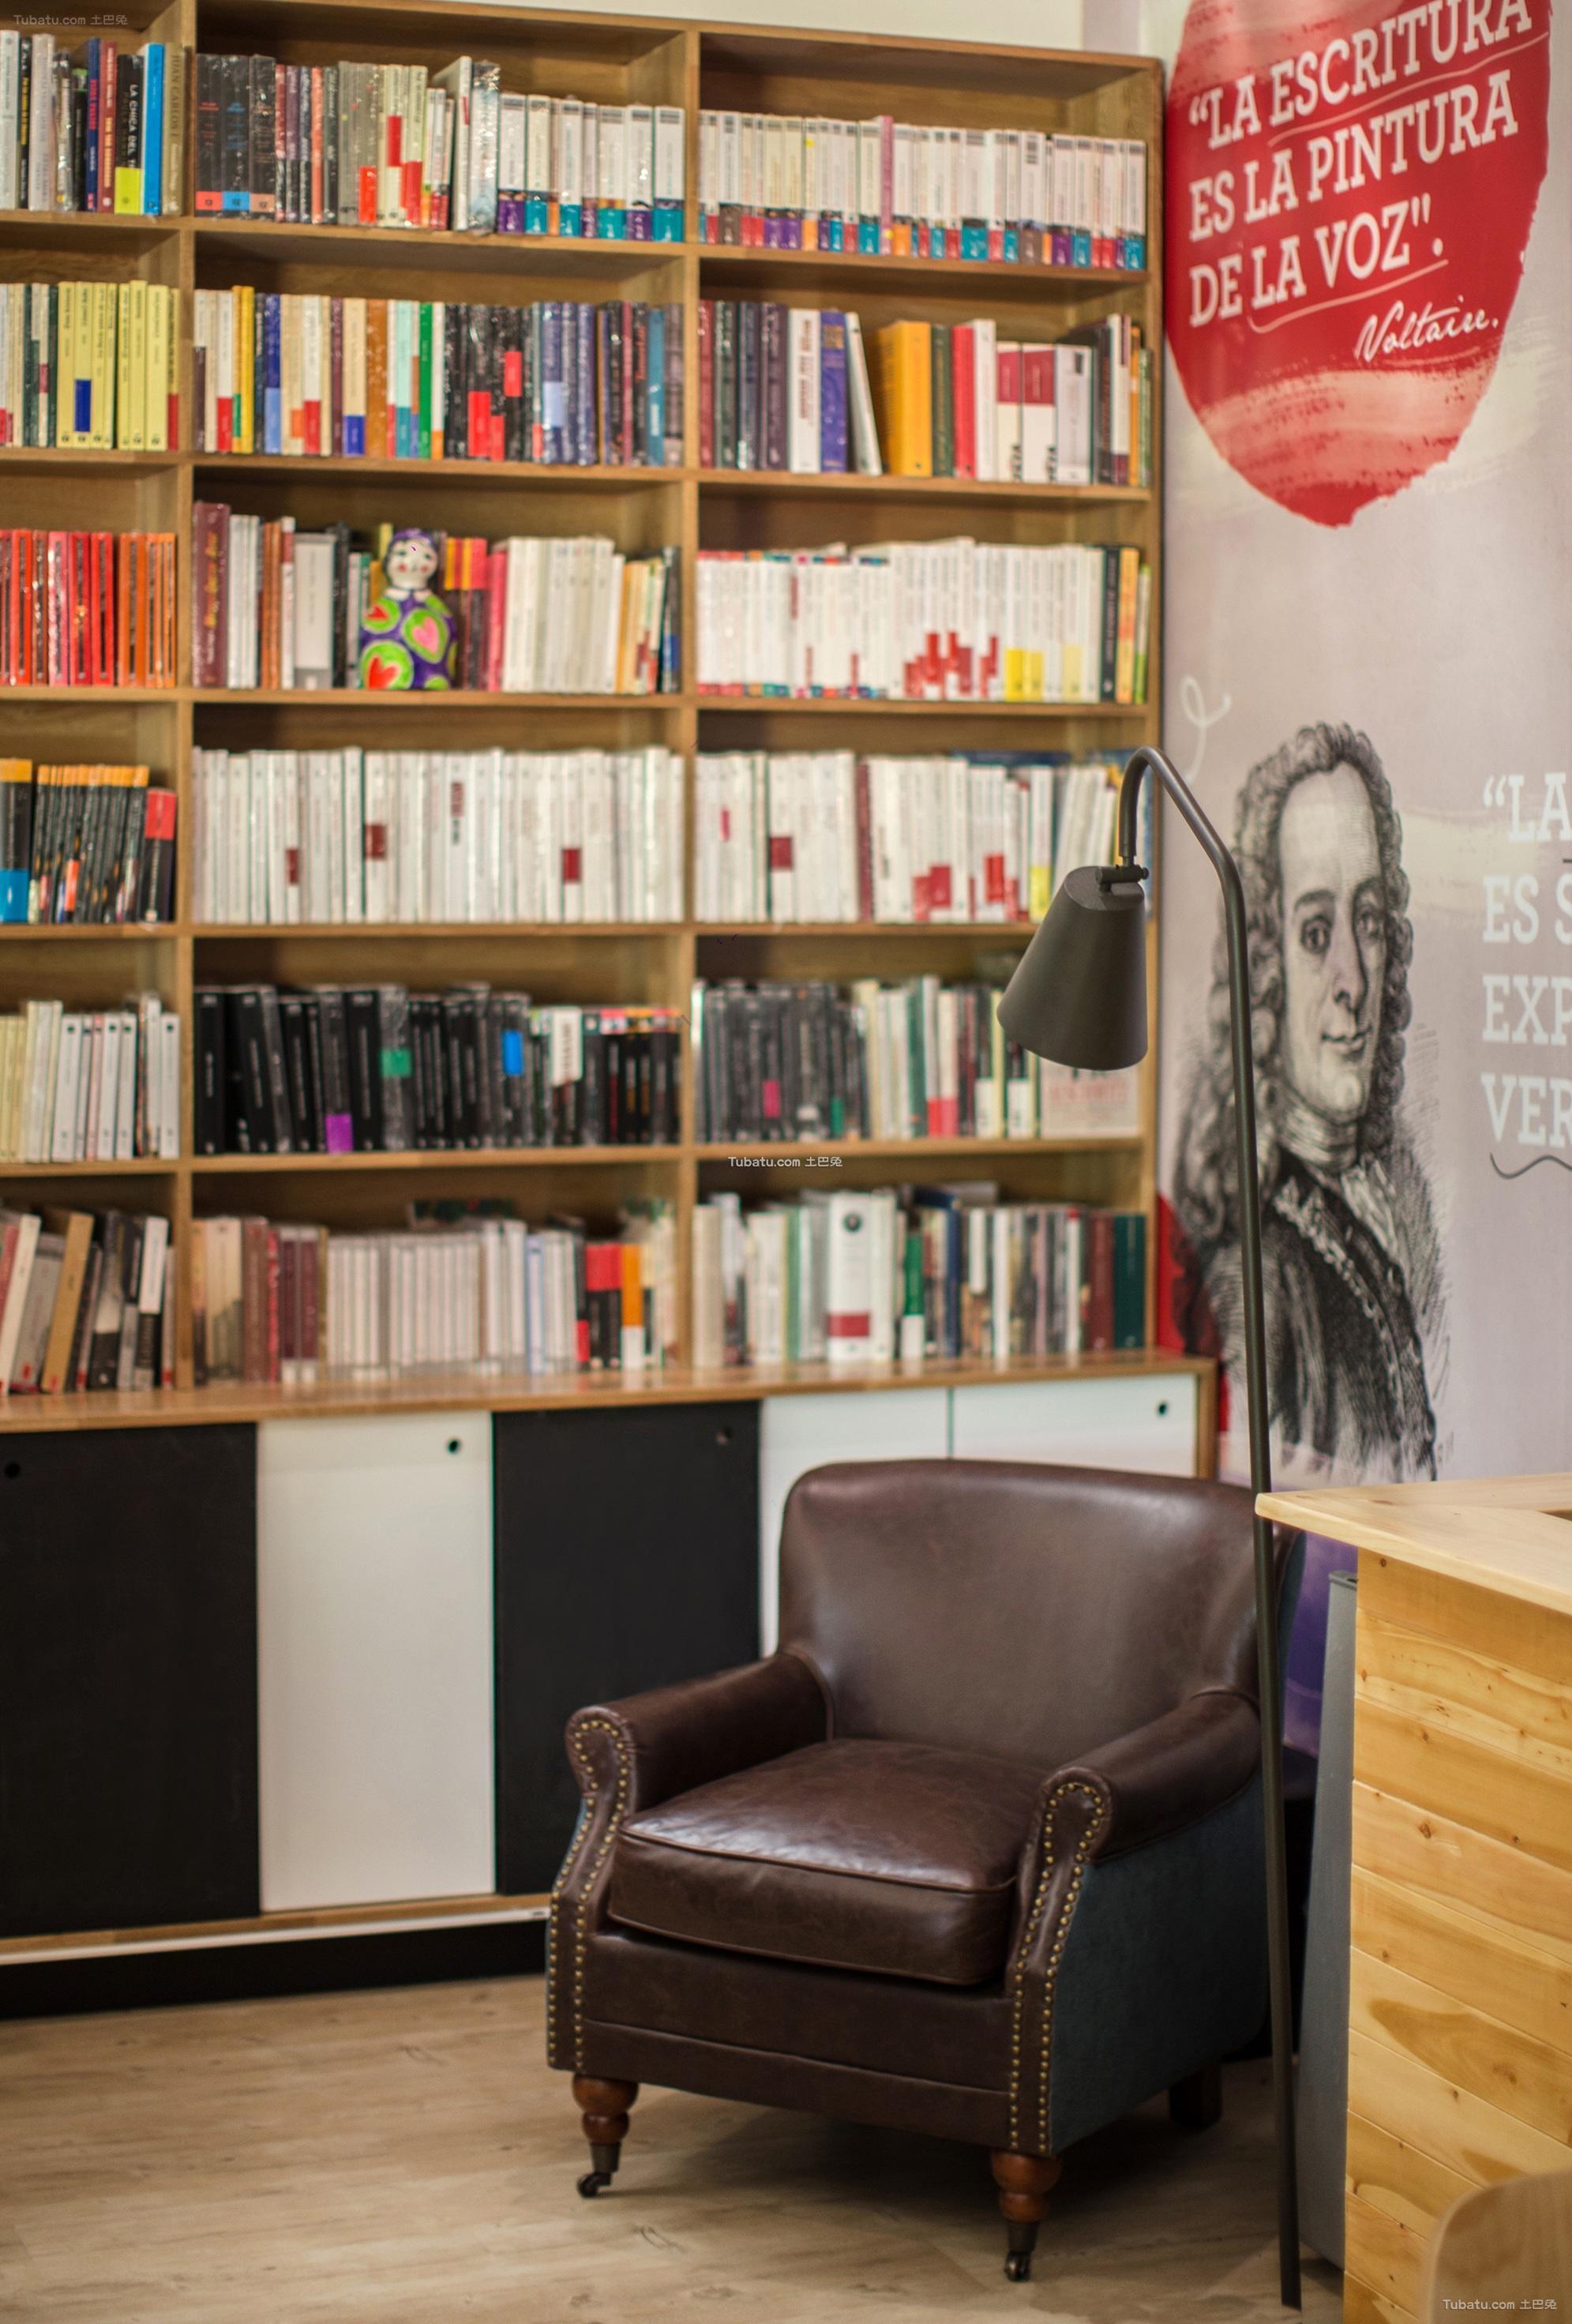 个人图书馆设计装饰图片欣赏